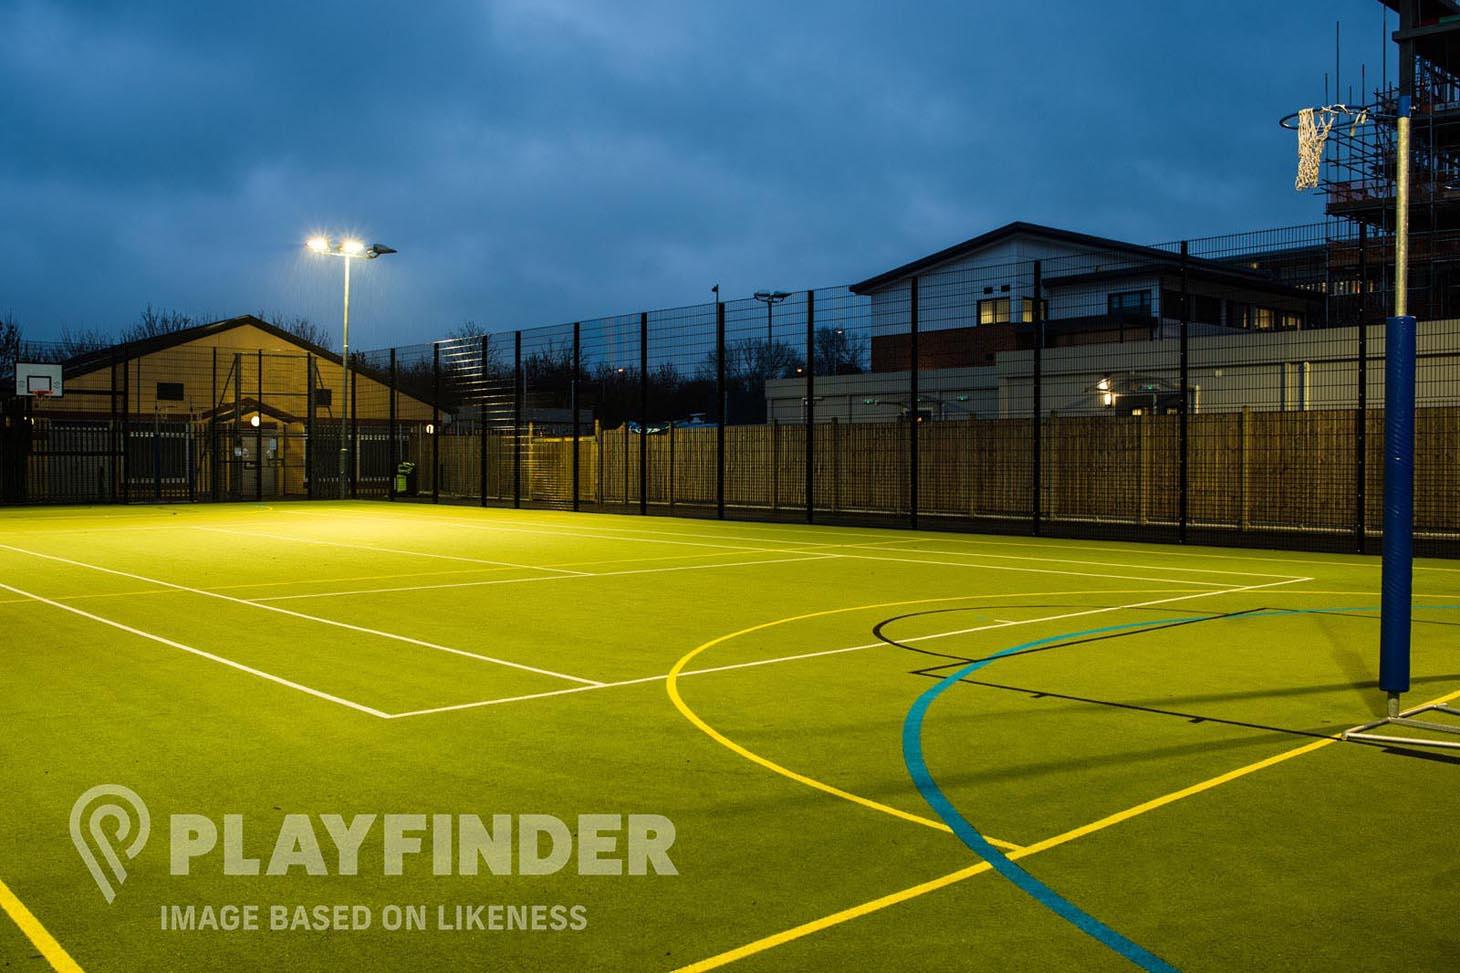 St. Bede's College Outdoor | Astroturf netball court